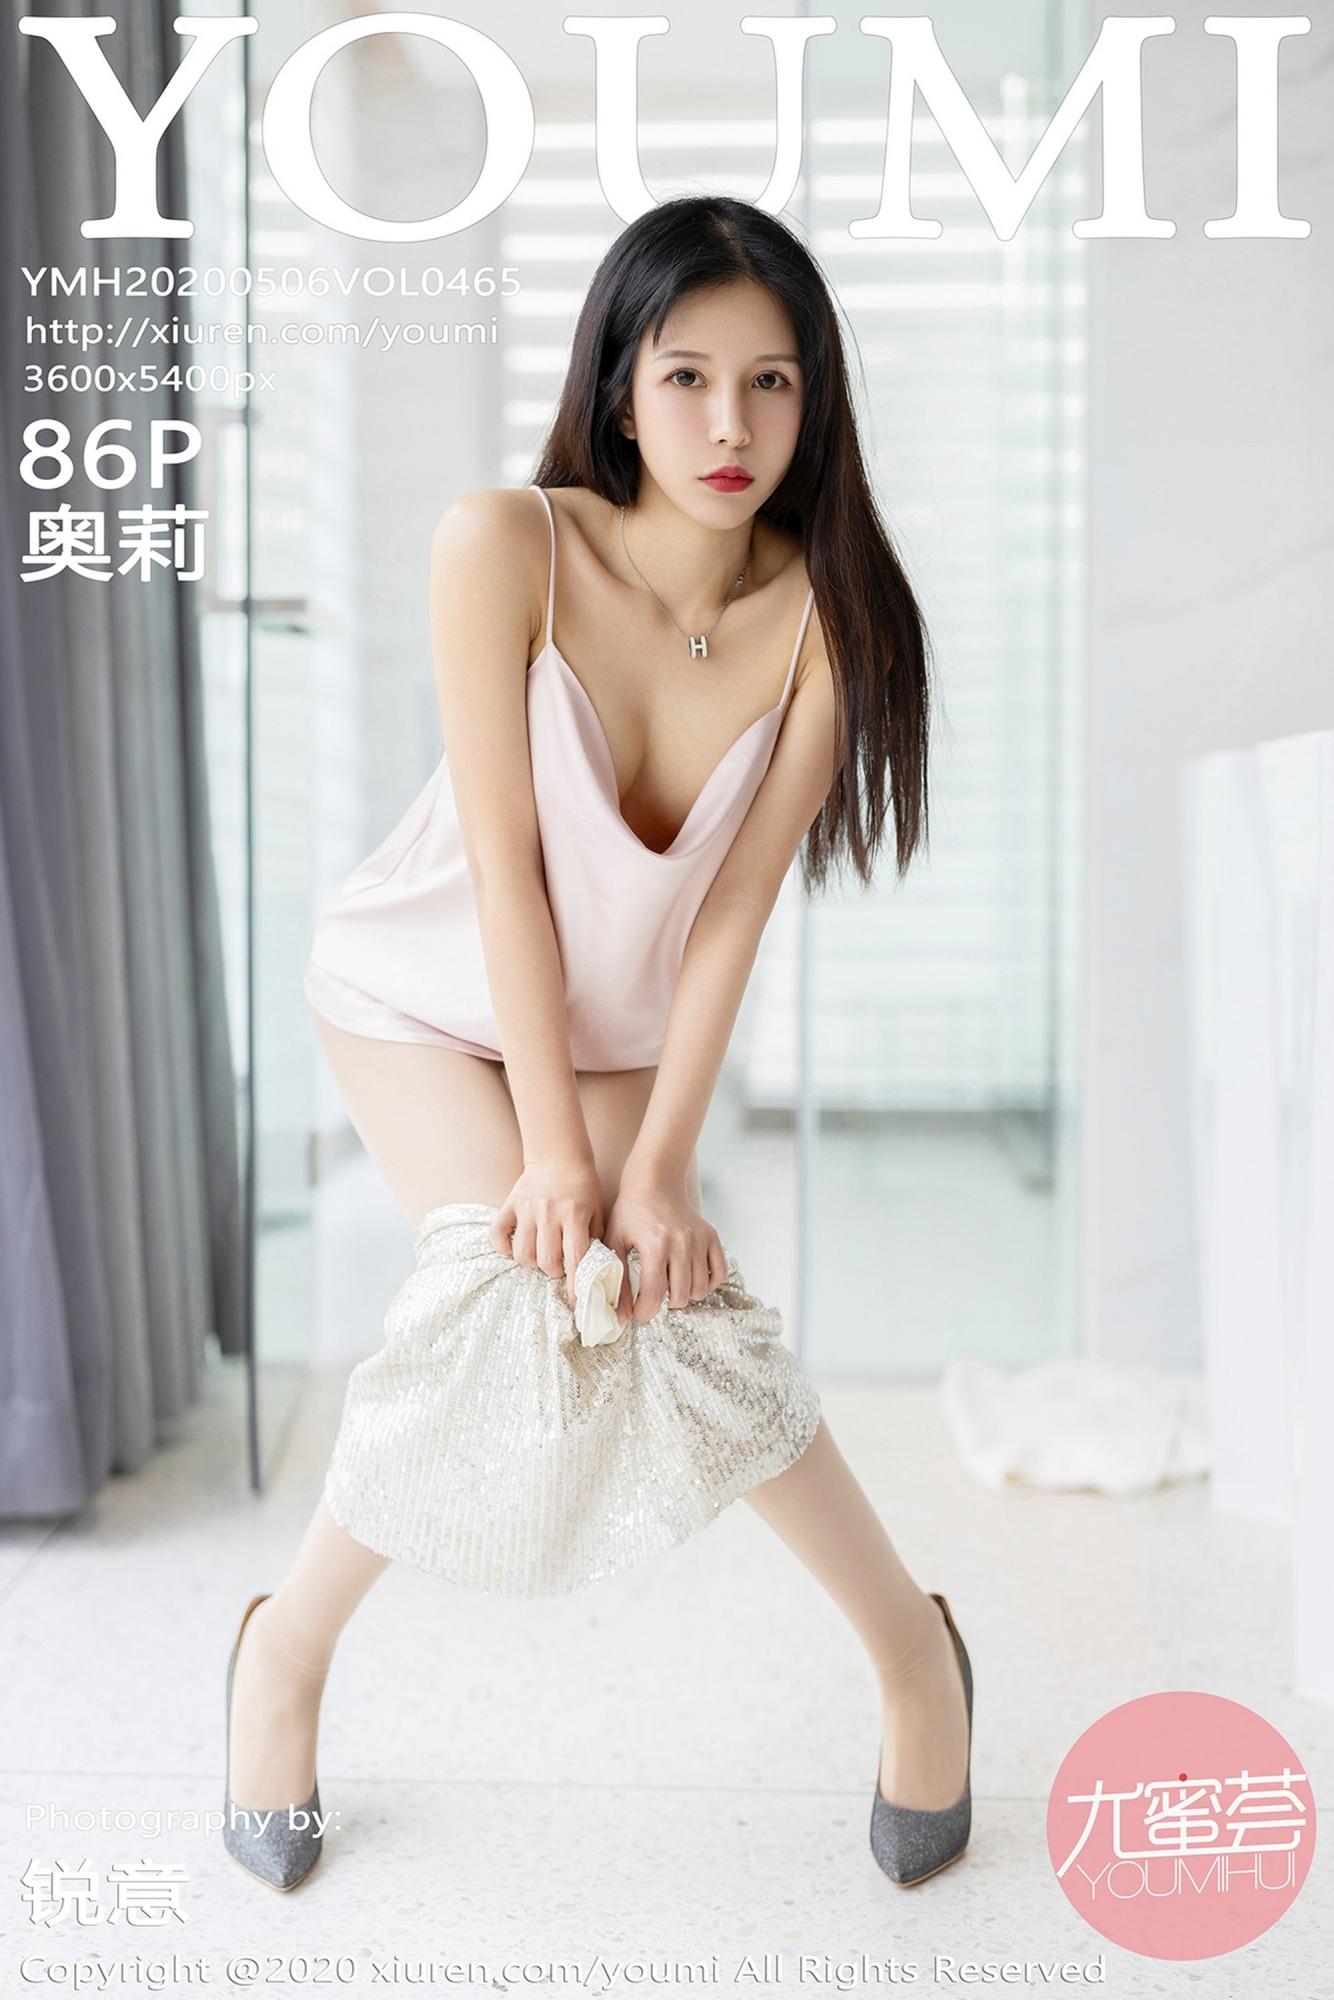 [YOUMI尤蜜荟] 2020.05.06 VOL.465 奧莉 粉色吊裙與朦胧絲襪 [86P] - 貼圖 - 清涼寫真 -